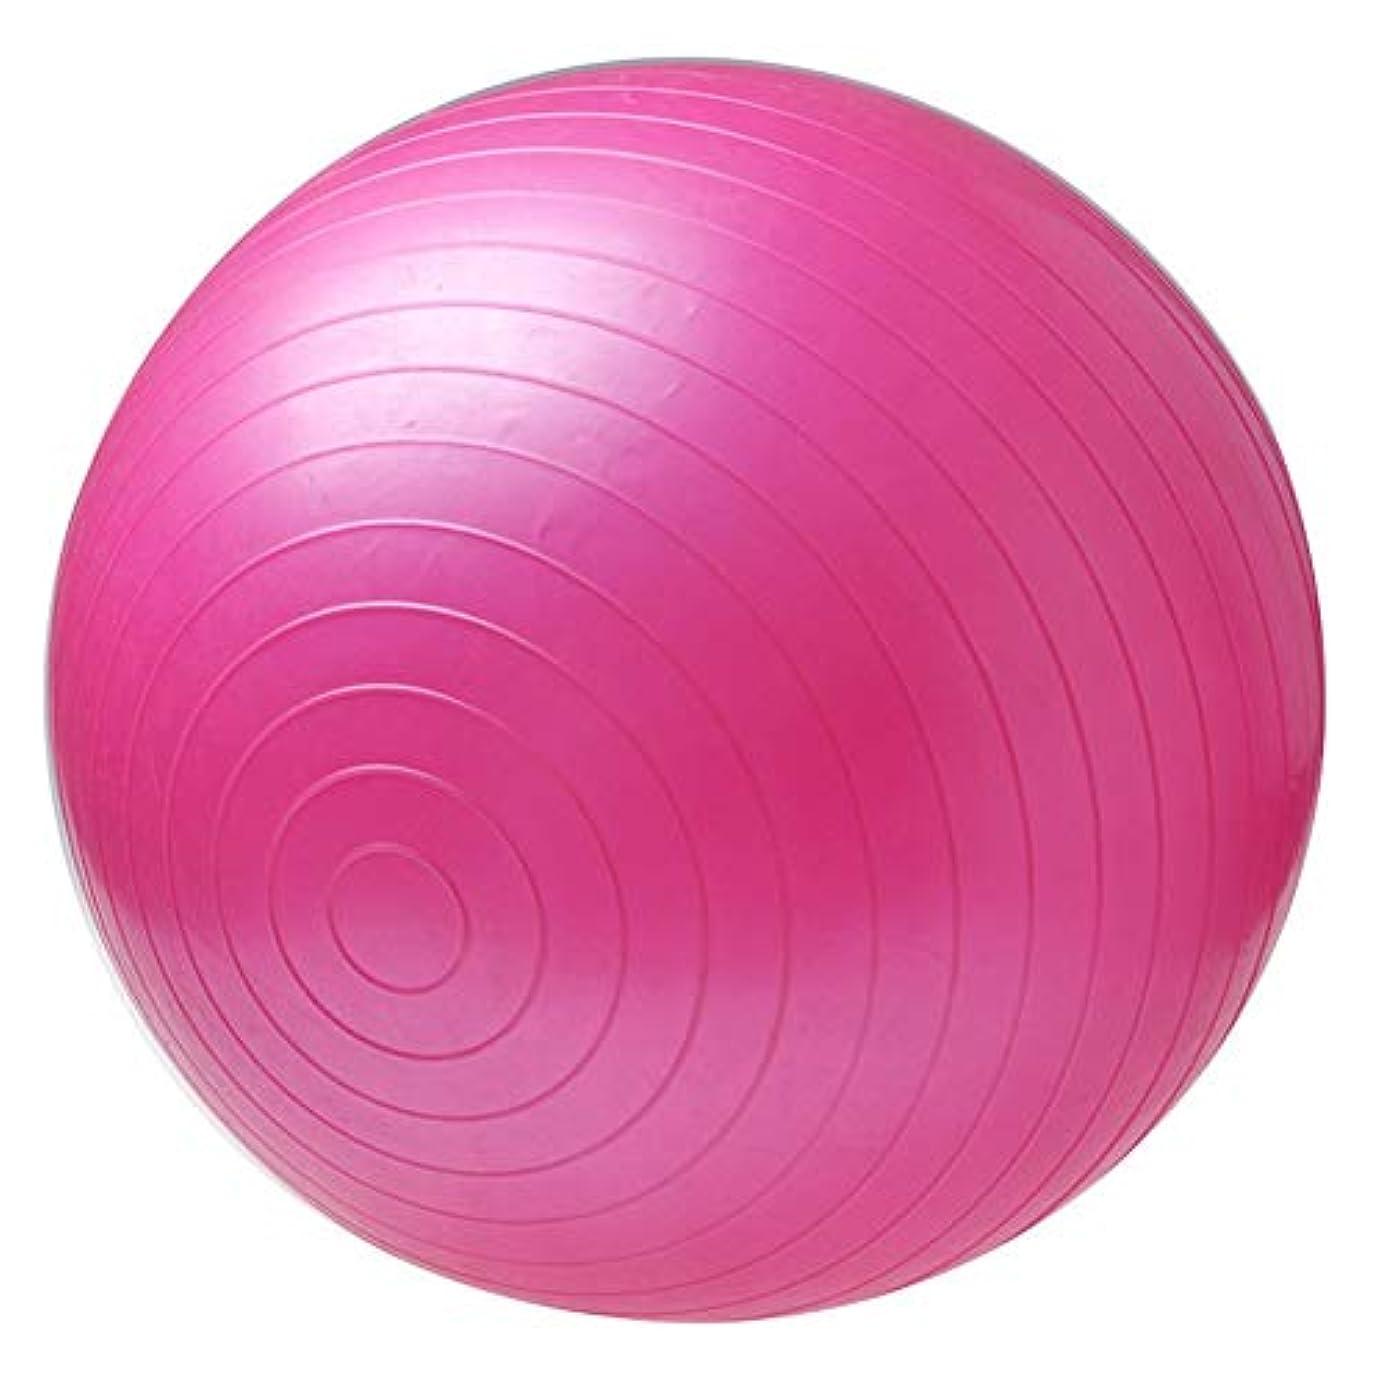 コマンド欲求不満クロス非毒性スポーツヨガボールボラピラティスフィットネスジムバランスフィットボールエクササイズピラティスワークアウトマッサージボール - ピンク75センチ